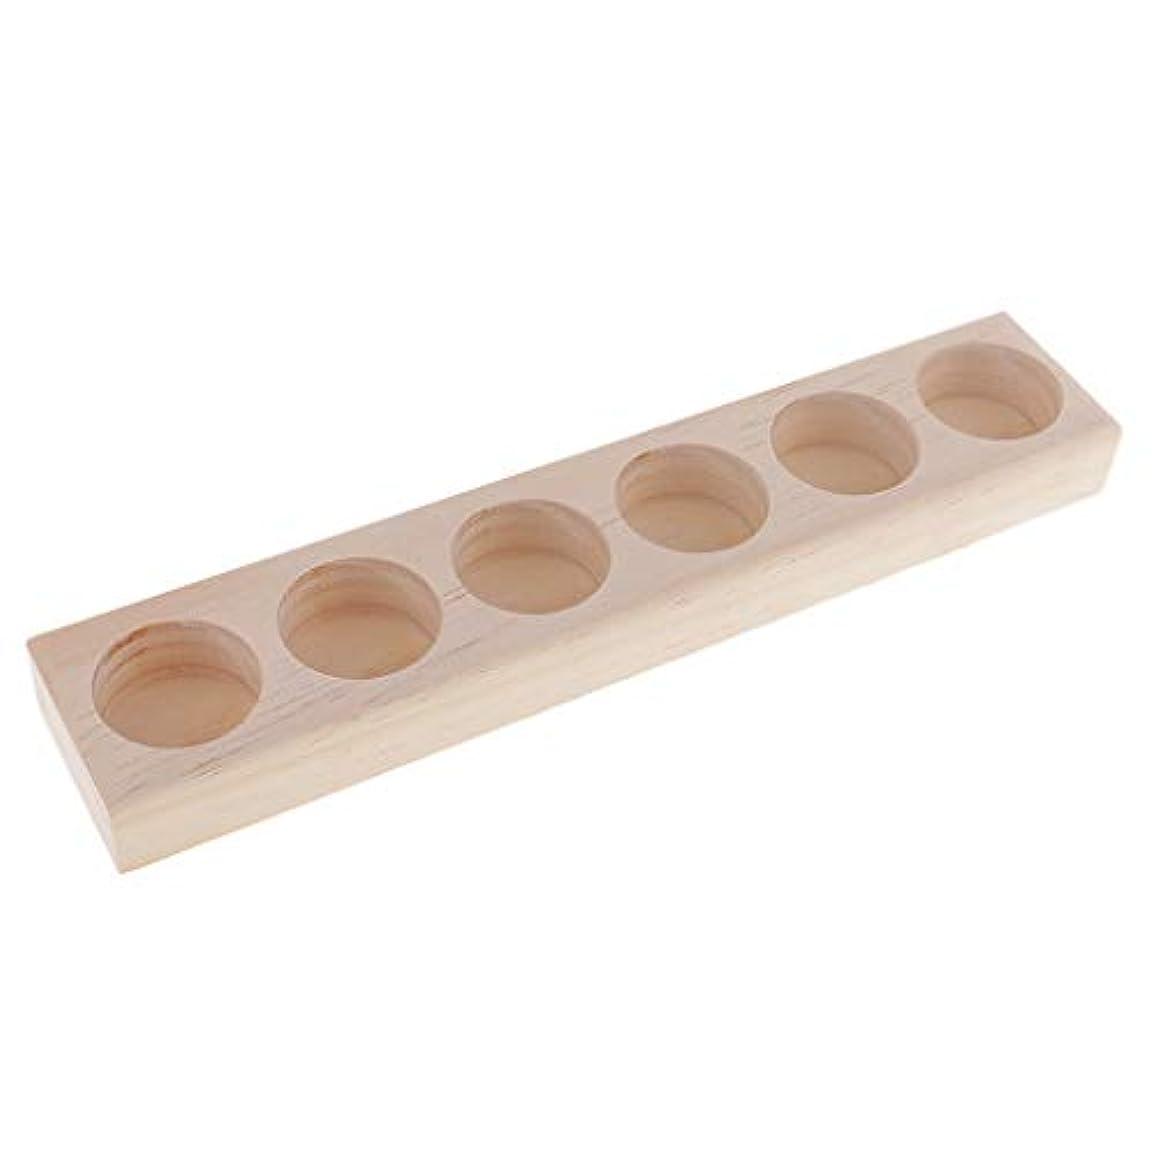 自動ピカリングキネマティクスエッセンシャルオイル 収納ラック 木製 精油 オーガナイザー ジュエリー 化粧品 収納用品